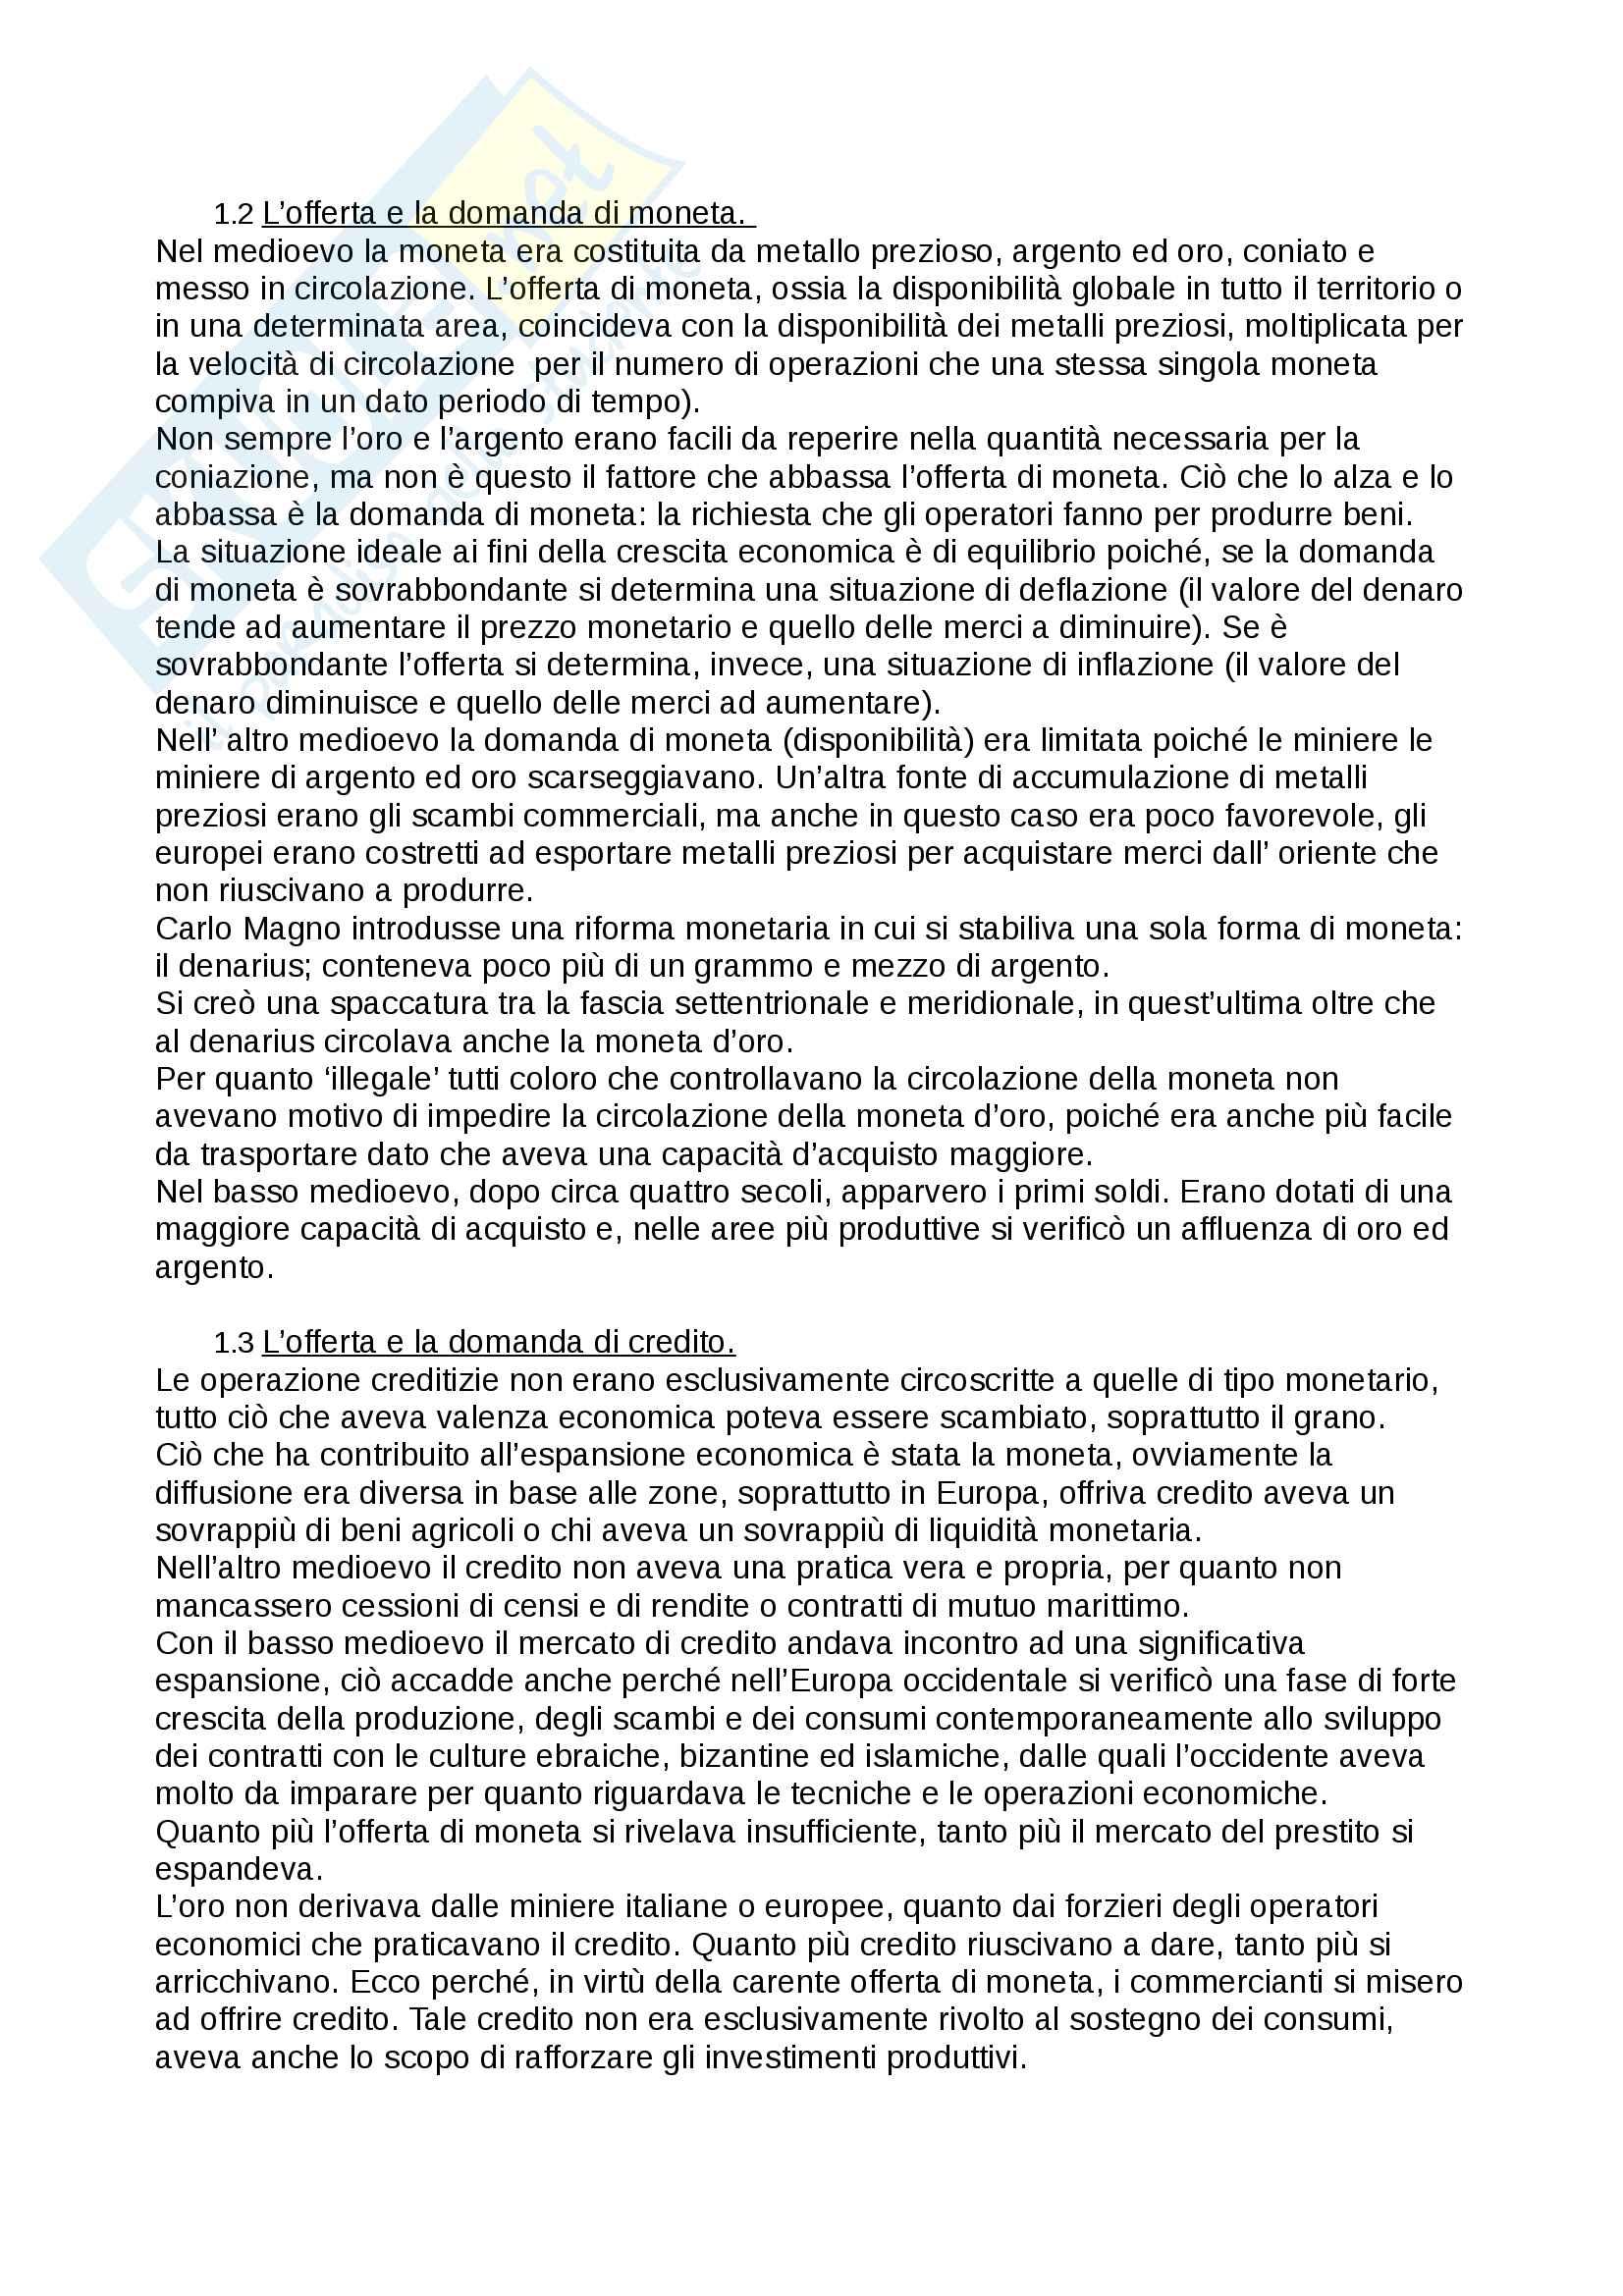 """Riassunto esame storia medievale,prof. Francesco Senatore, libro consigliato """"la banca e il credito nel medioevo"""", Palermo. Pag. 2"""